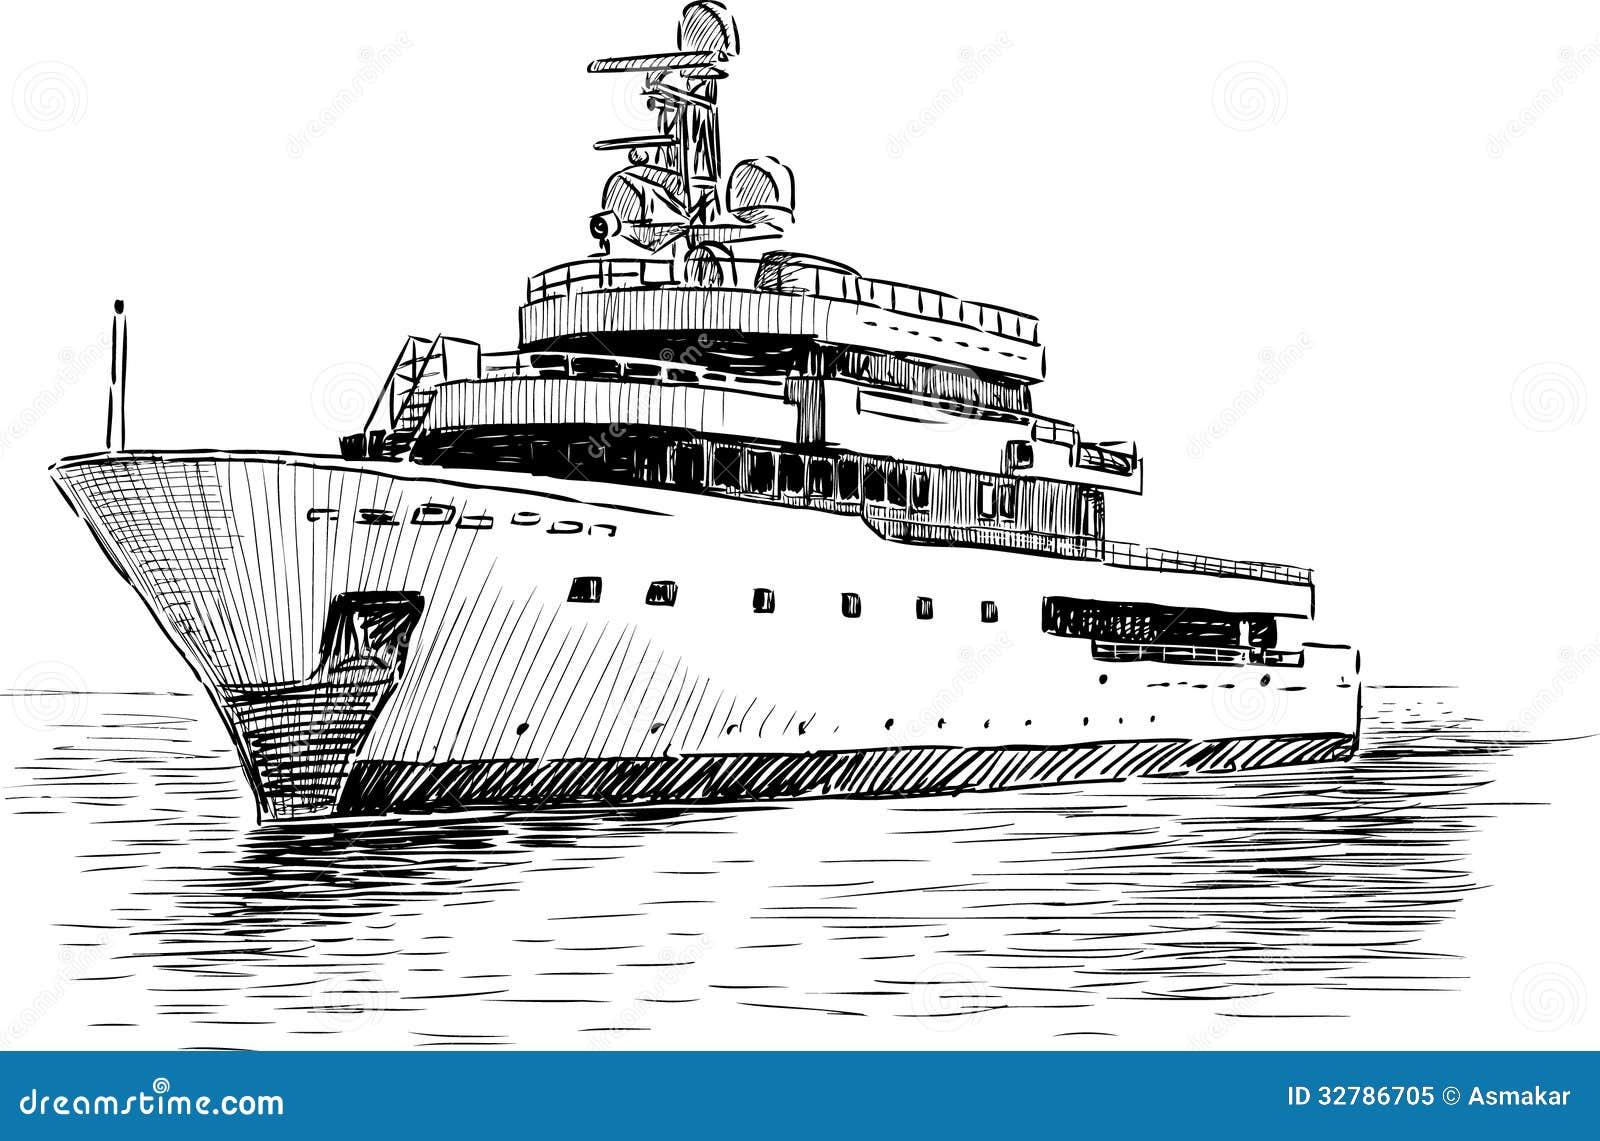 Cruise Yacht Royalty Free Stock Photo Image 32786705